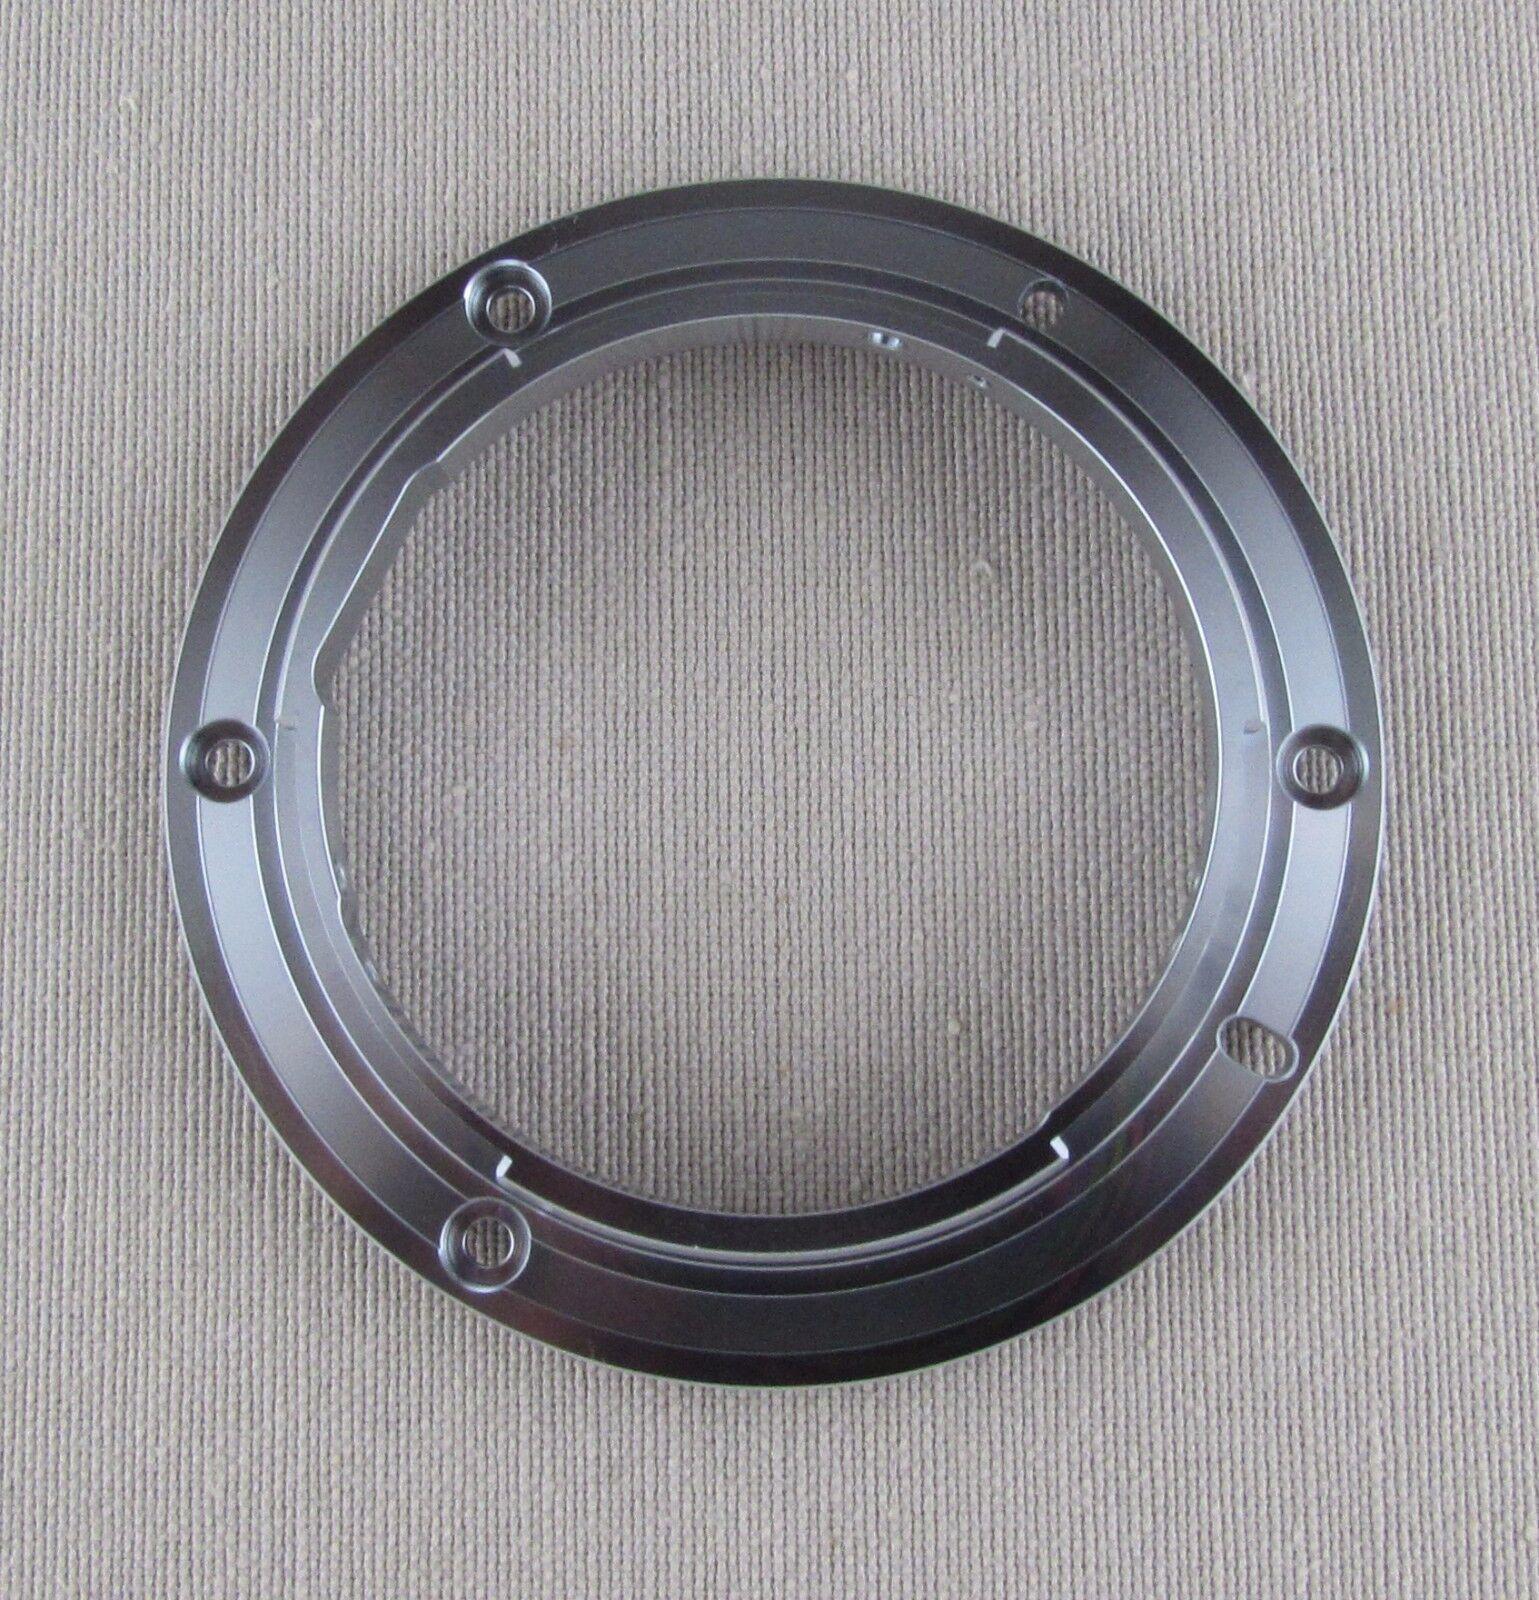 Schnäppchen Sonderpreis Armband mit Strass und Kette (Jet